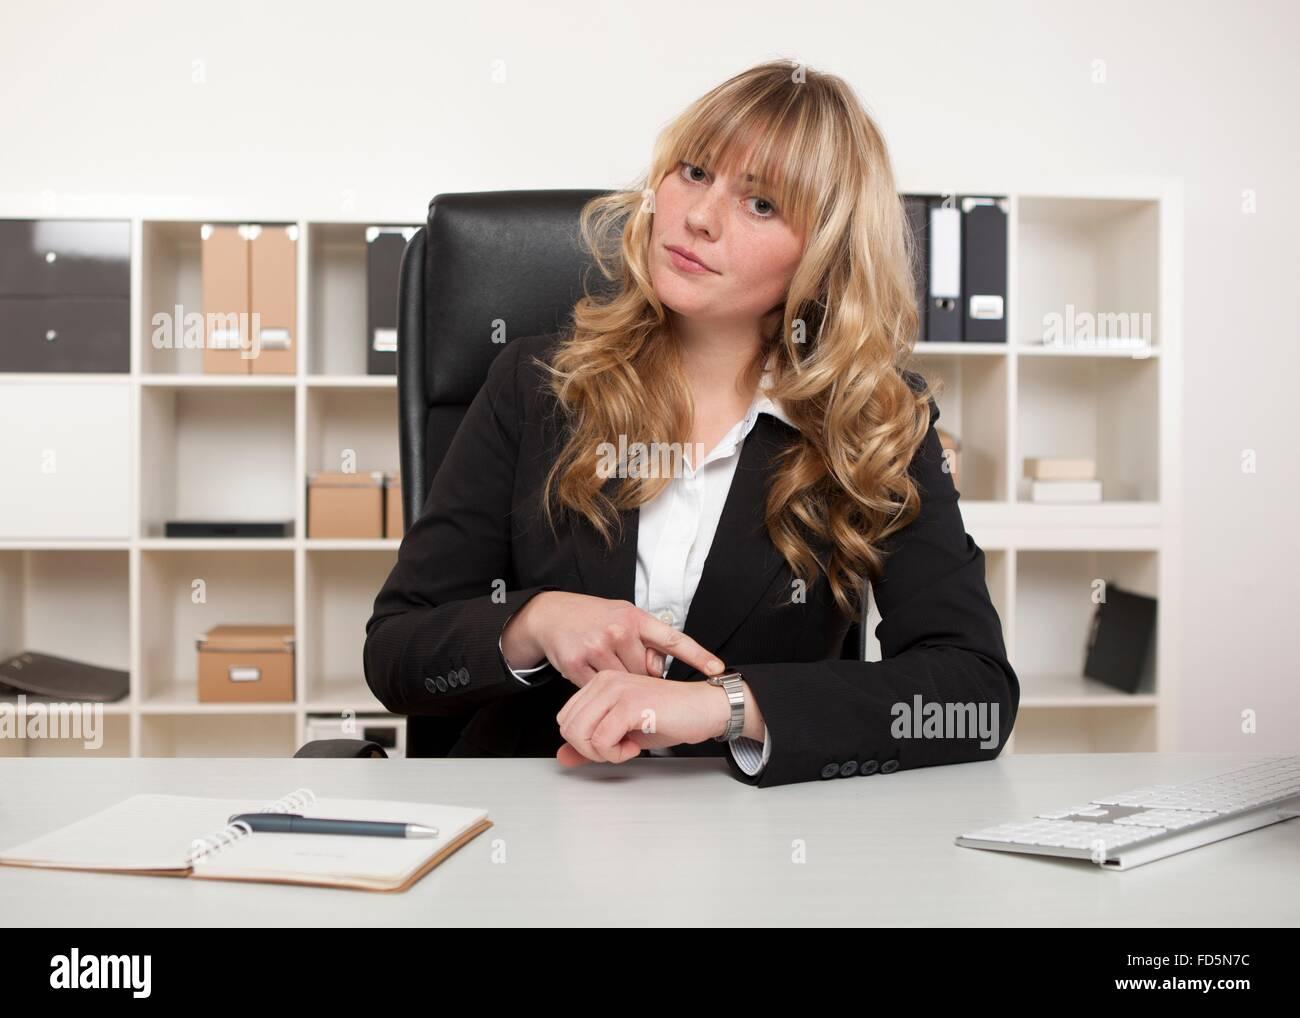 Managerin sitzt an ihrem Schreibtisch im Büro auf ihre Uhr macht einen Punkt, dass jemand ist spät zu einer Verabredung Stockfoto